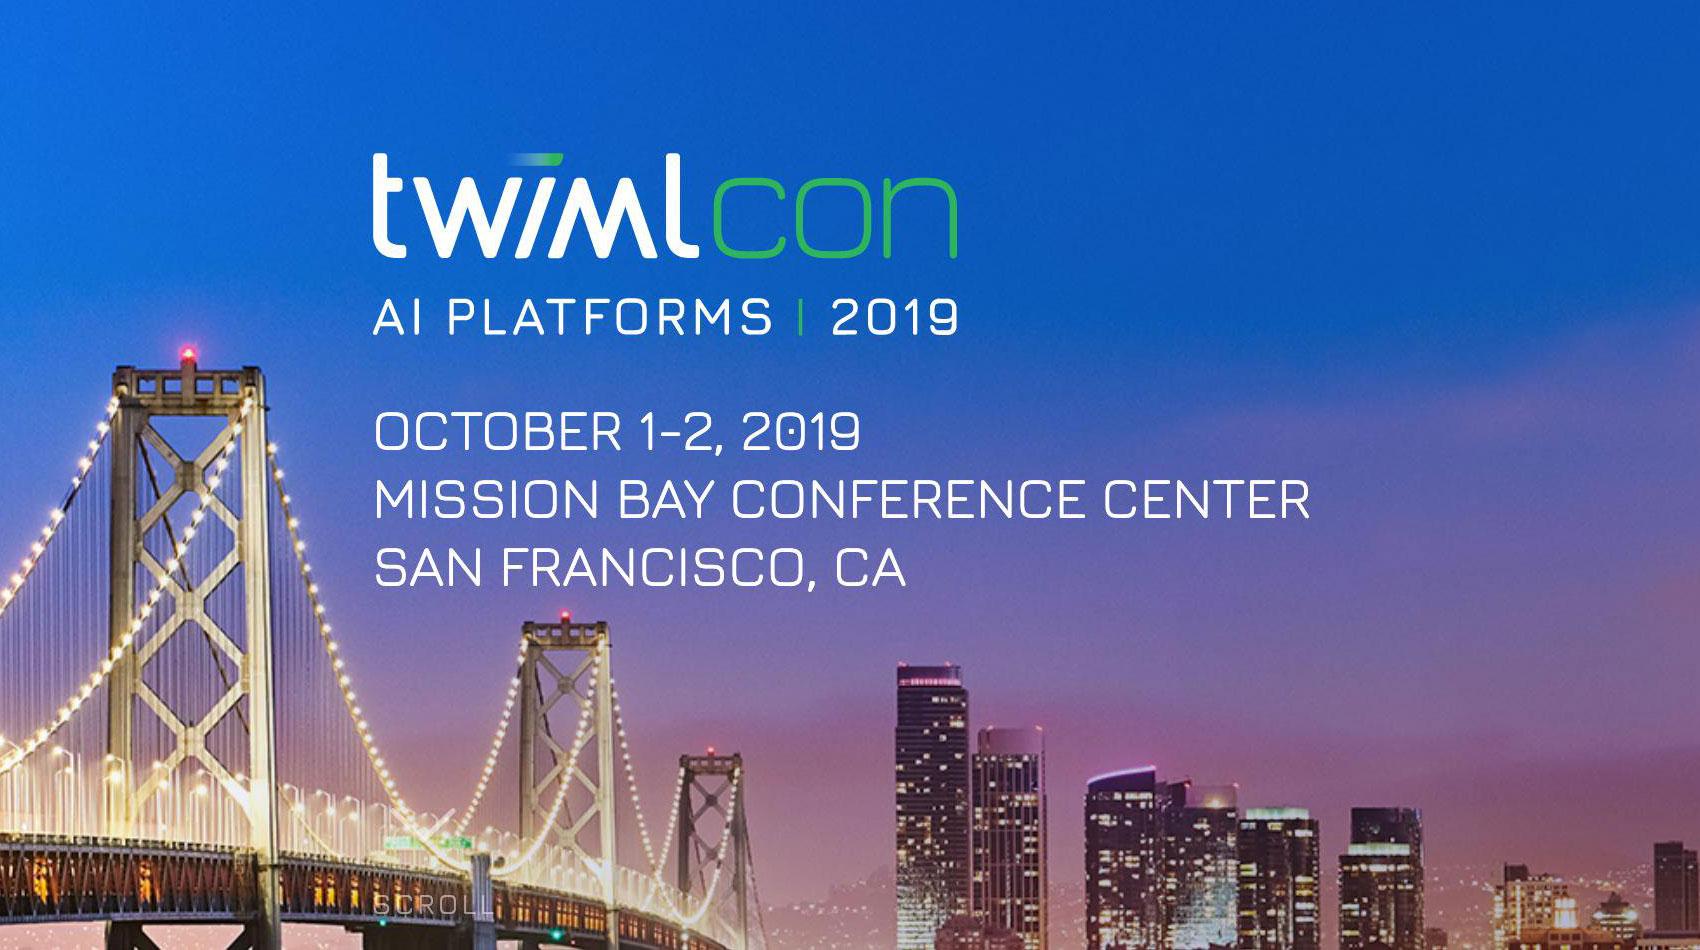 TWIMLcon 2019